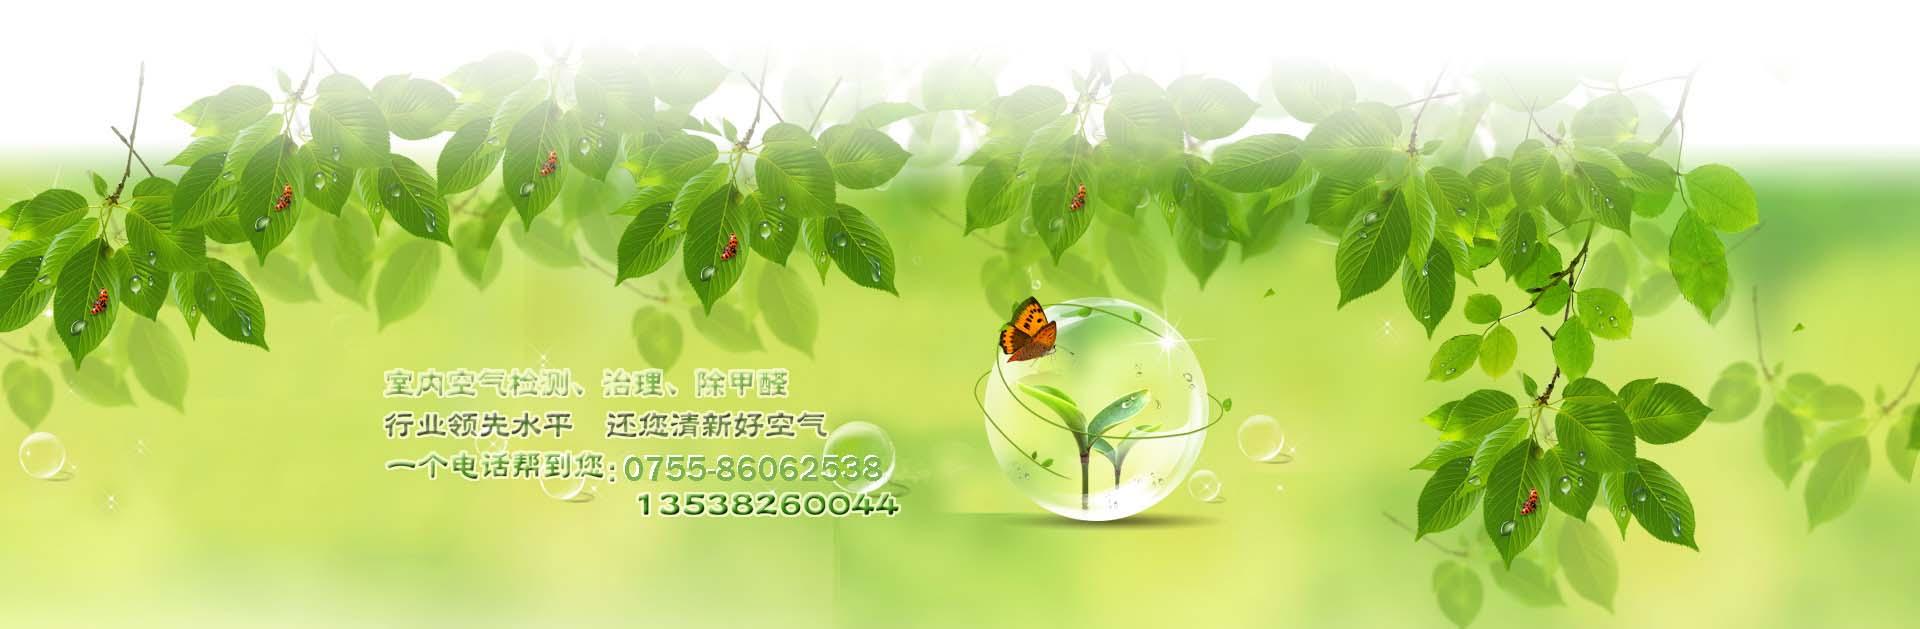 网站青岛快三Banner2